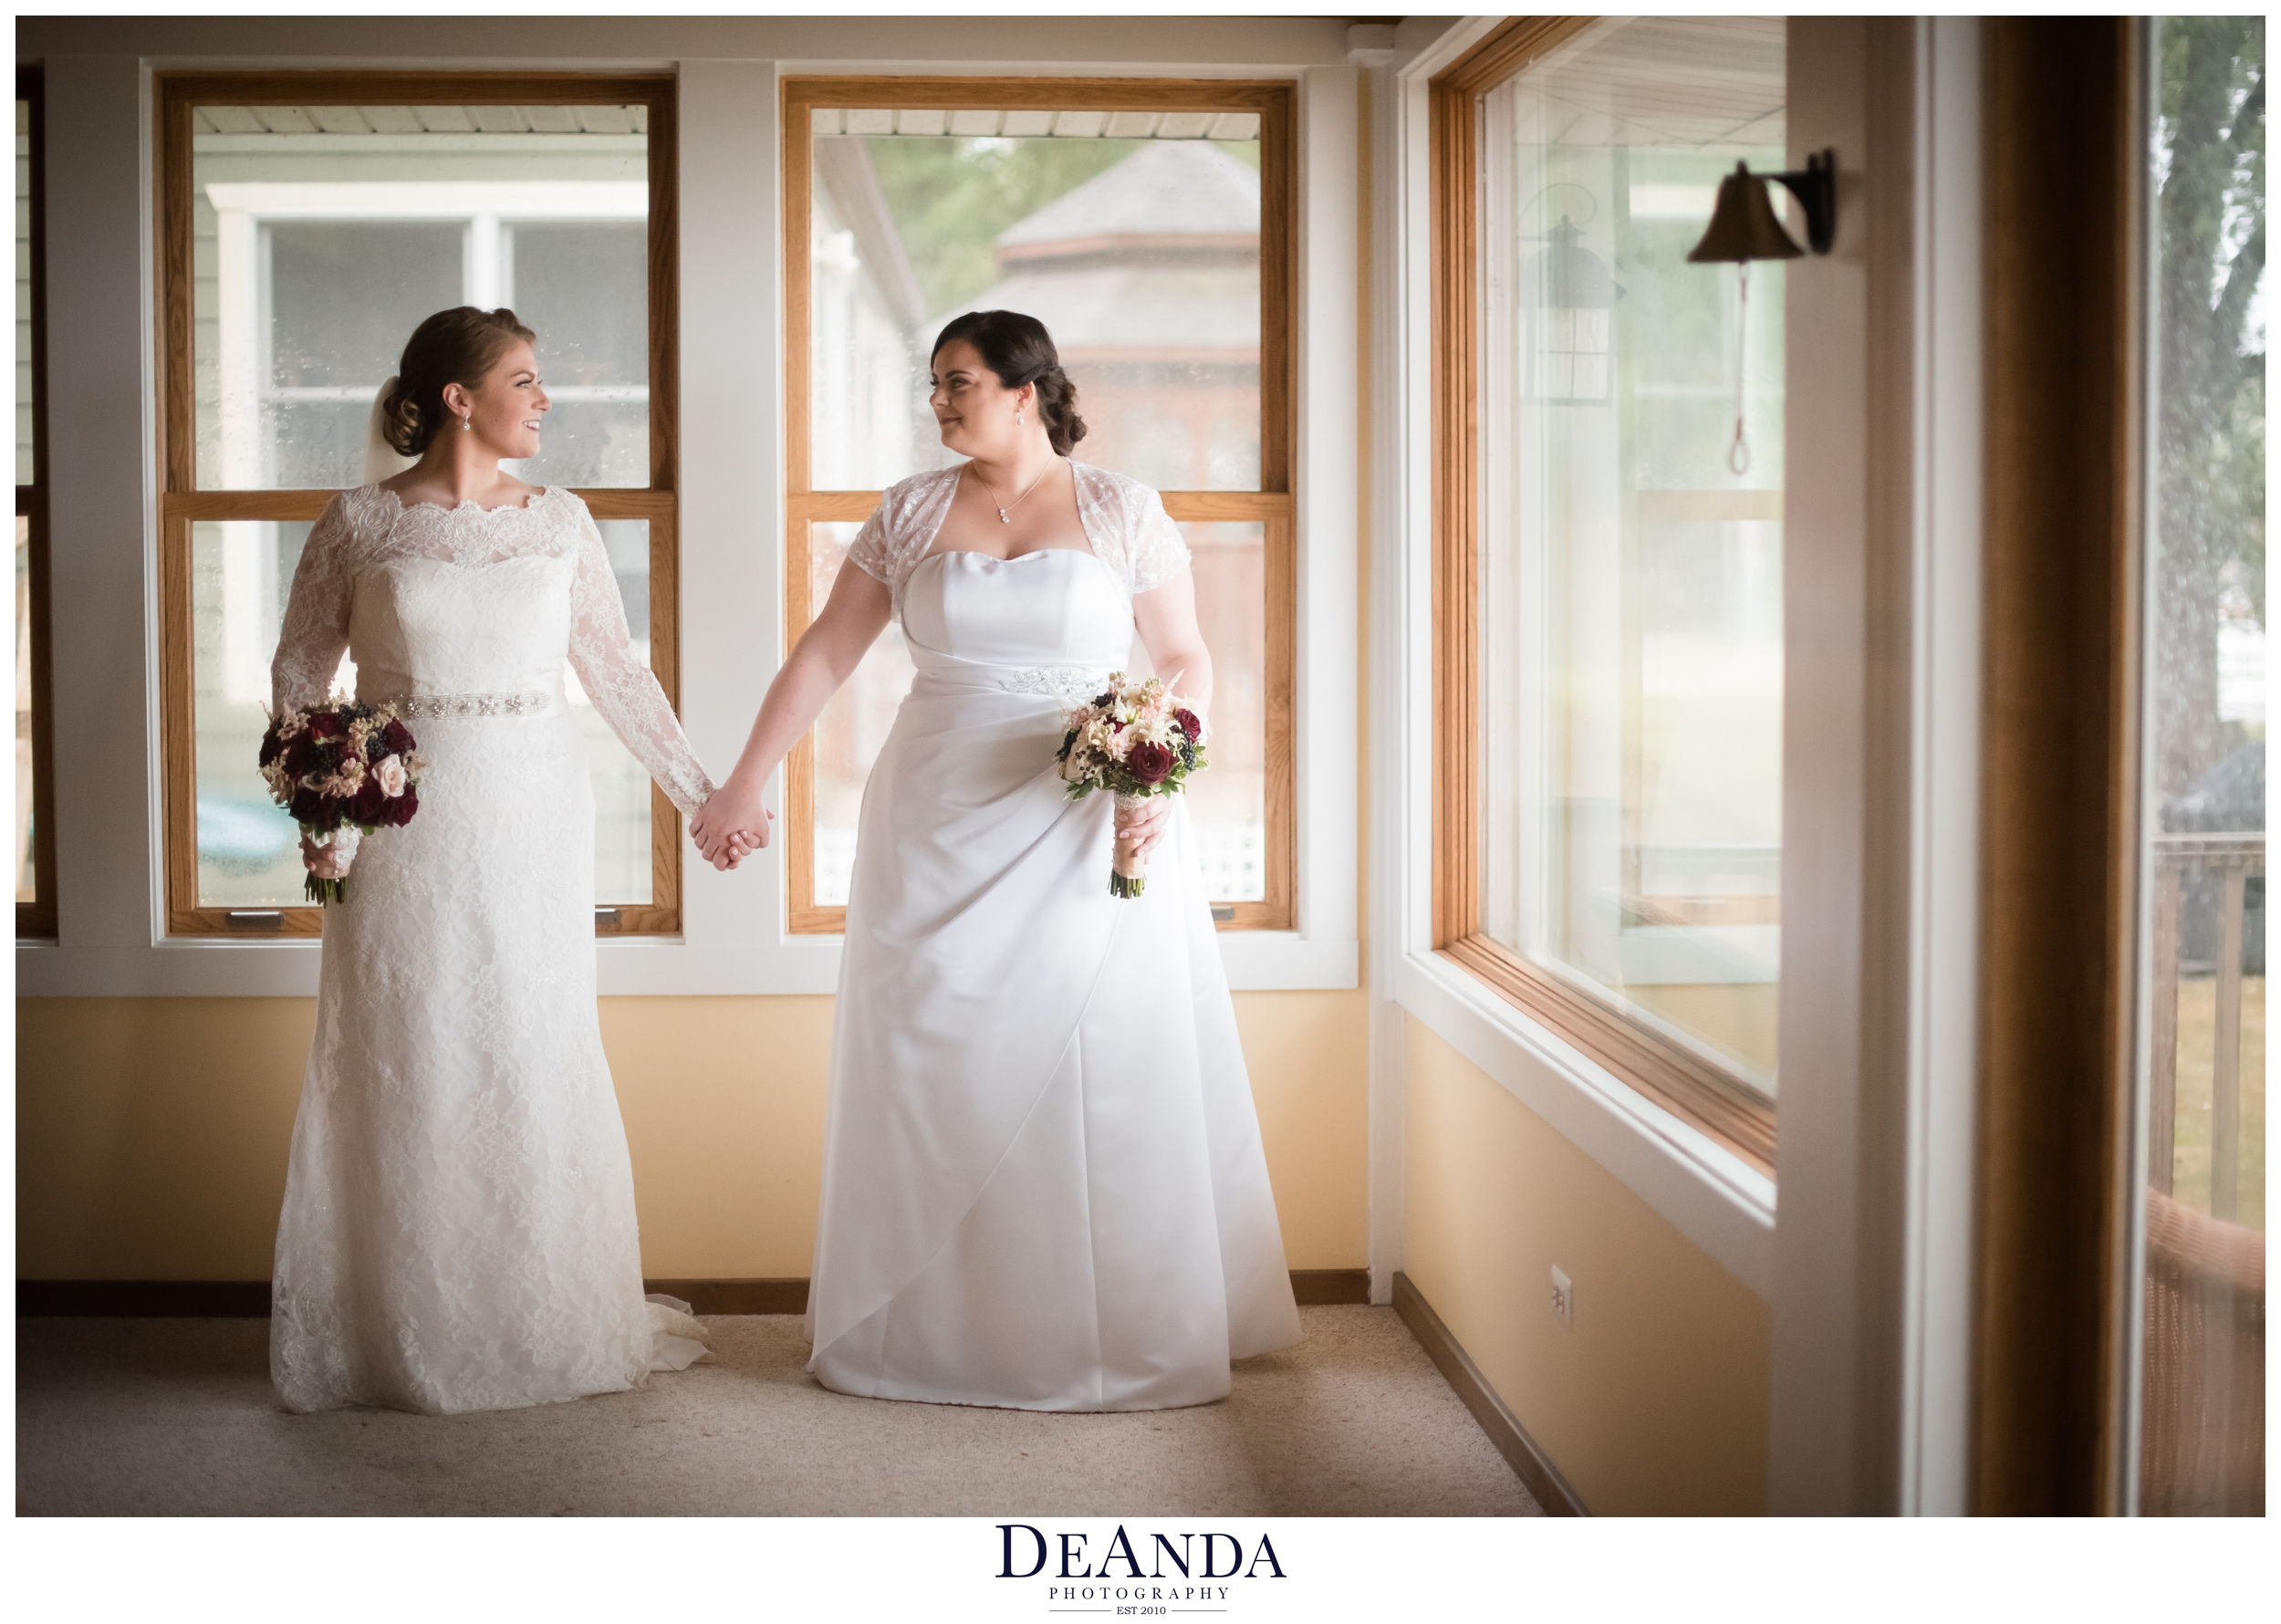 brides on their wedding day in chicago